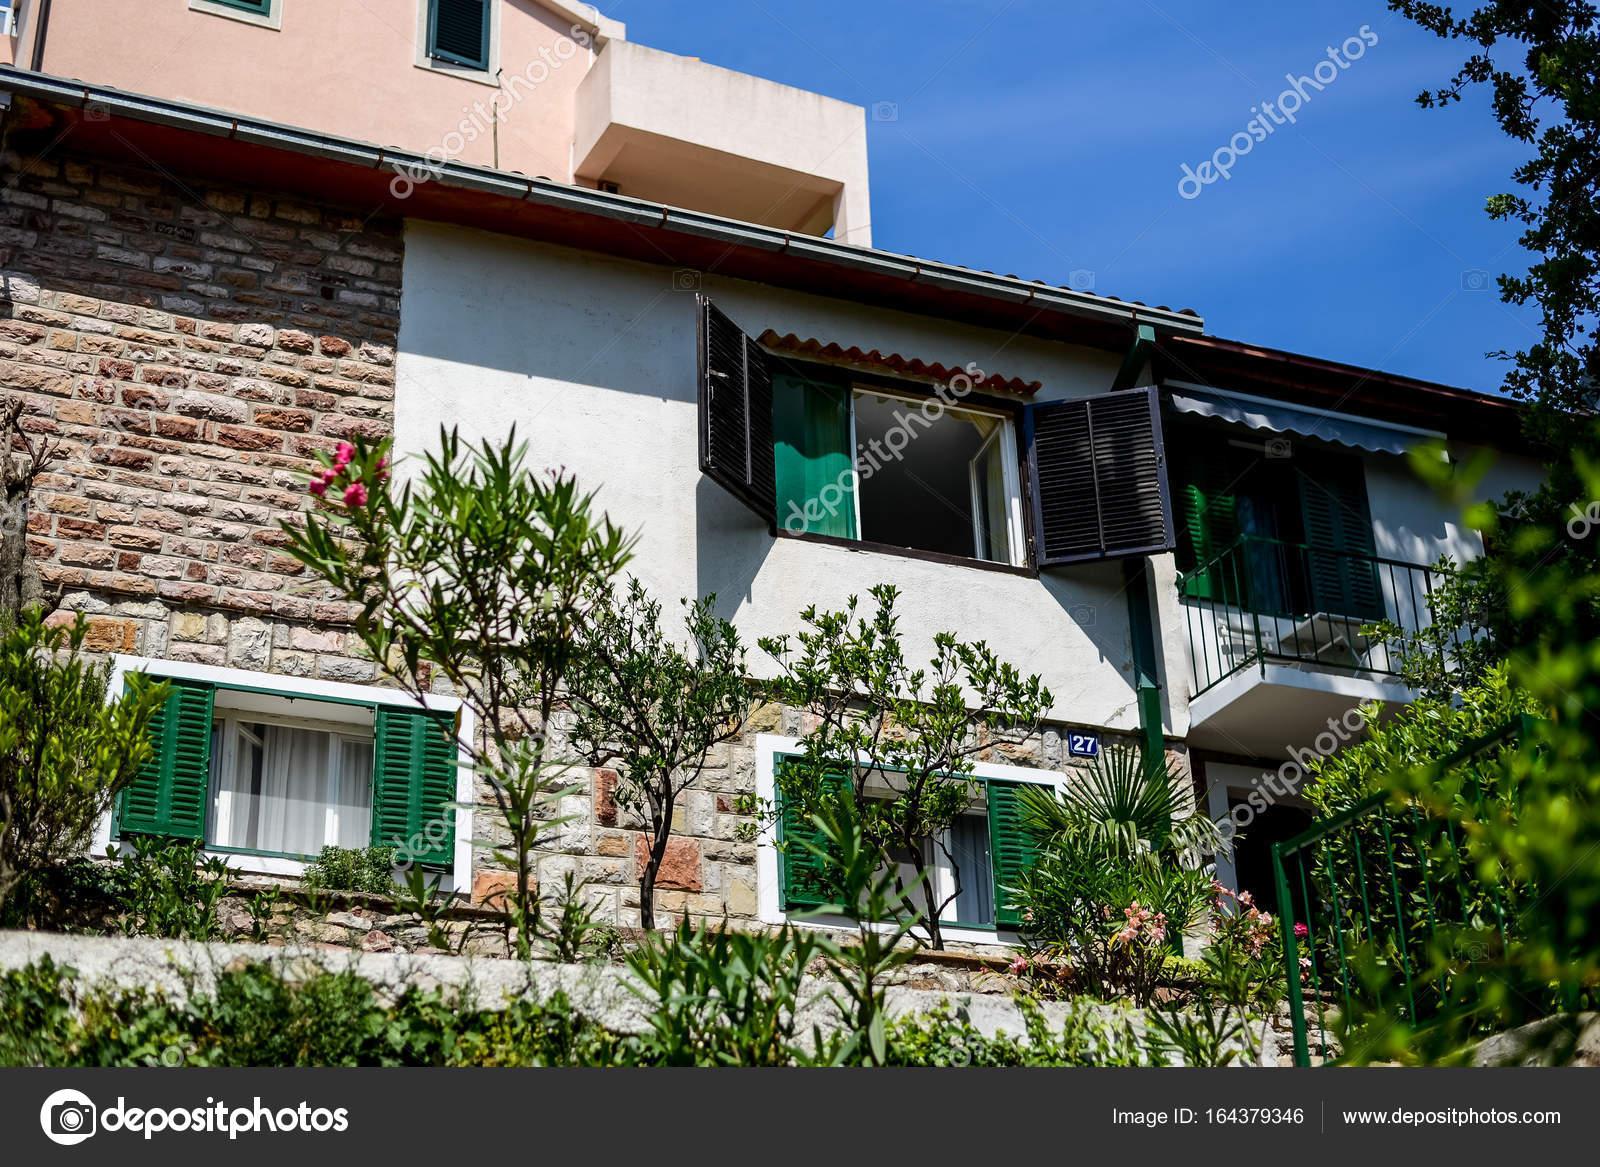 Montenegro Landhaus Architektur Stockfoto C Kadrby 164379346